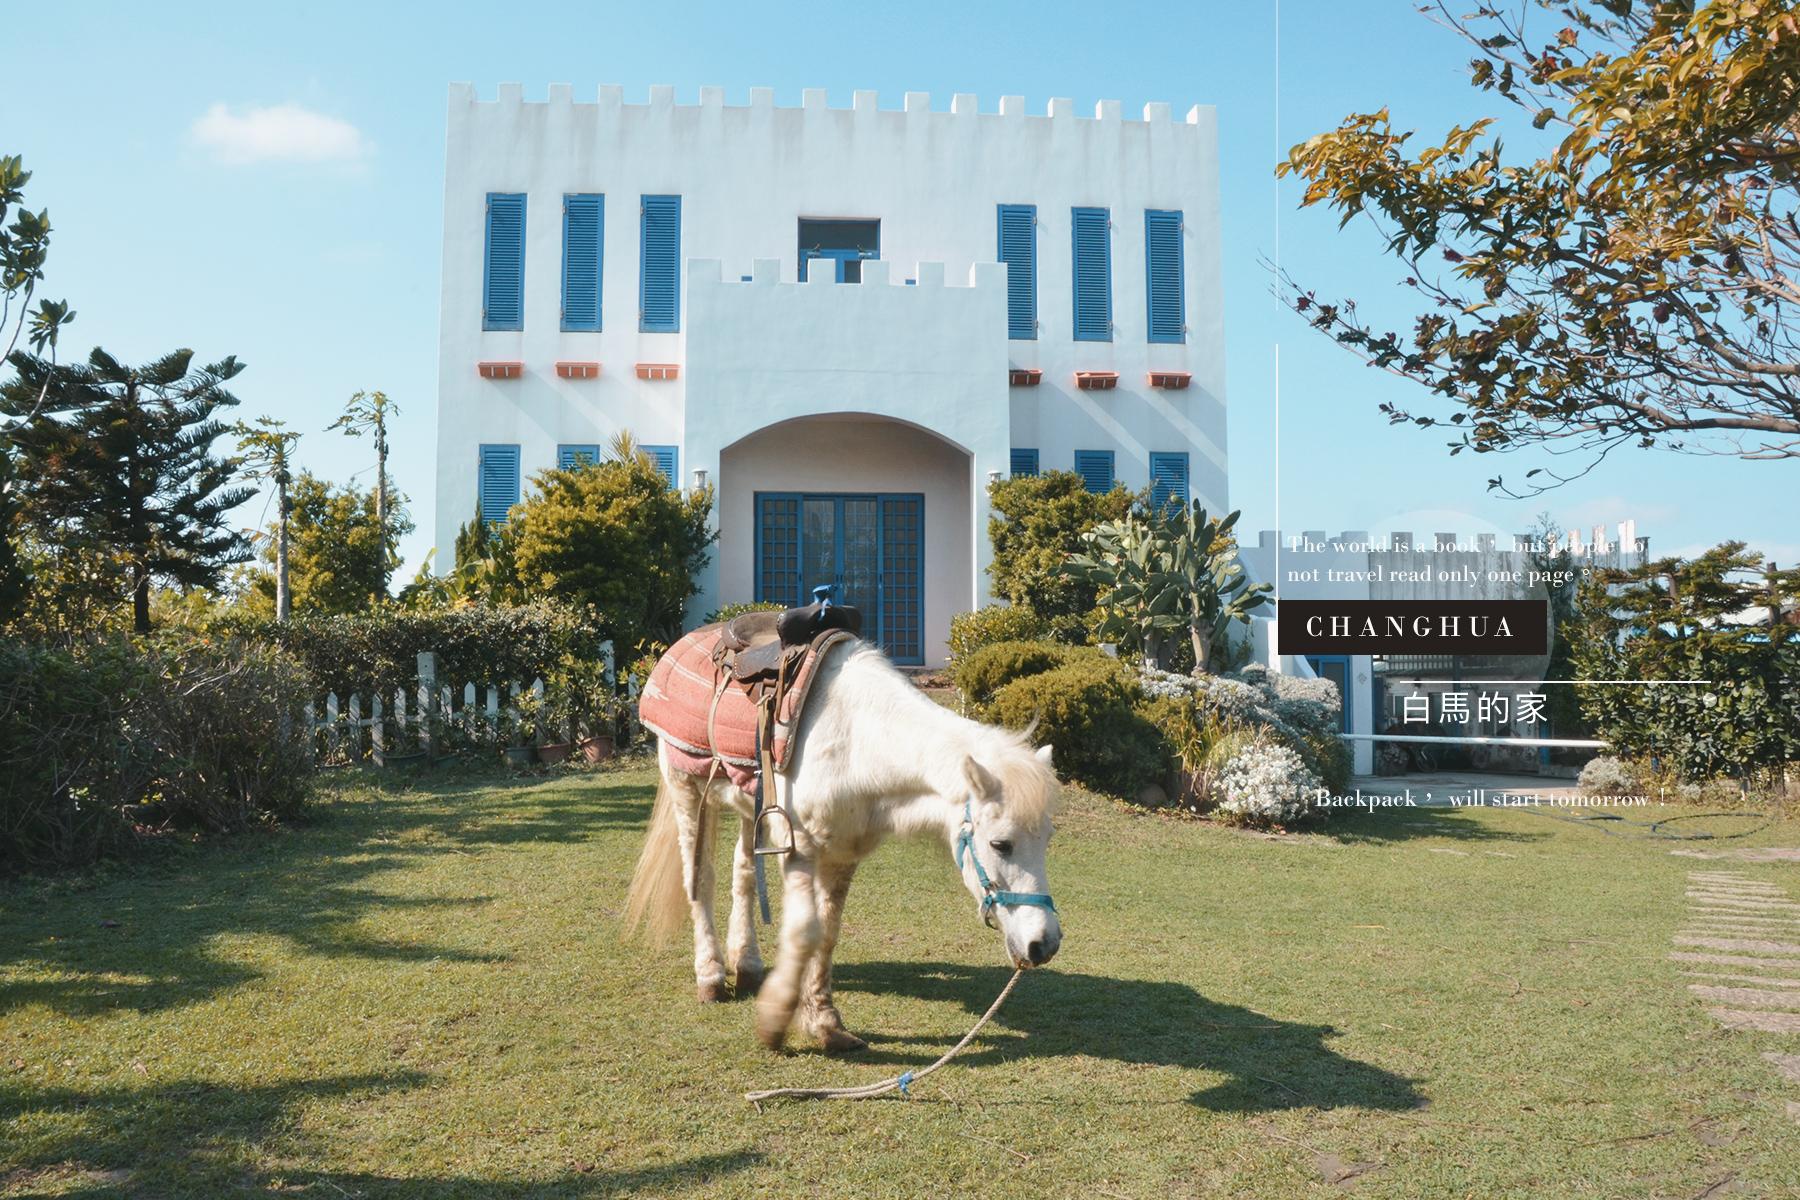 彰化線西景點 ▏白馬的家-騎白馬、希臘地中海建築,猶如漫步在希臘小國度